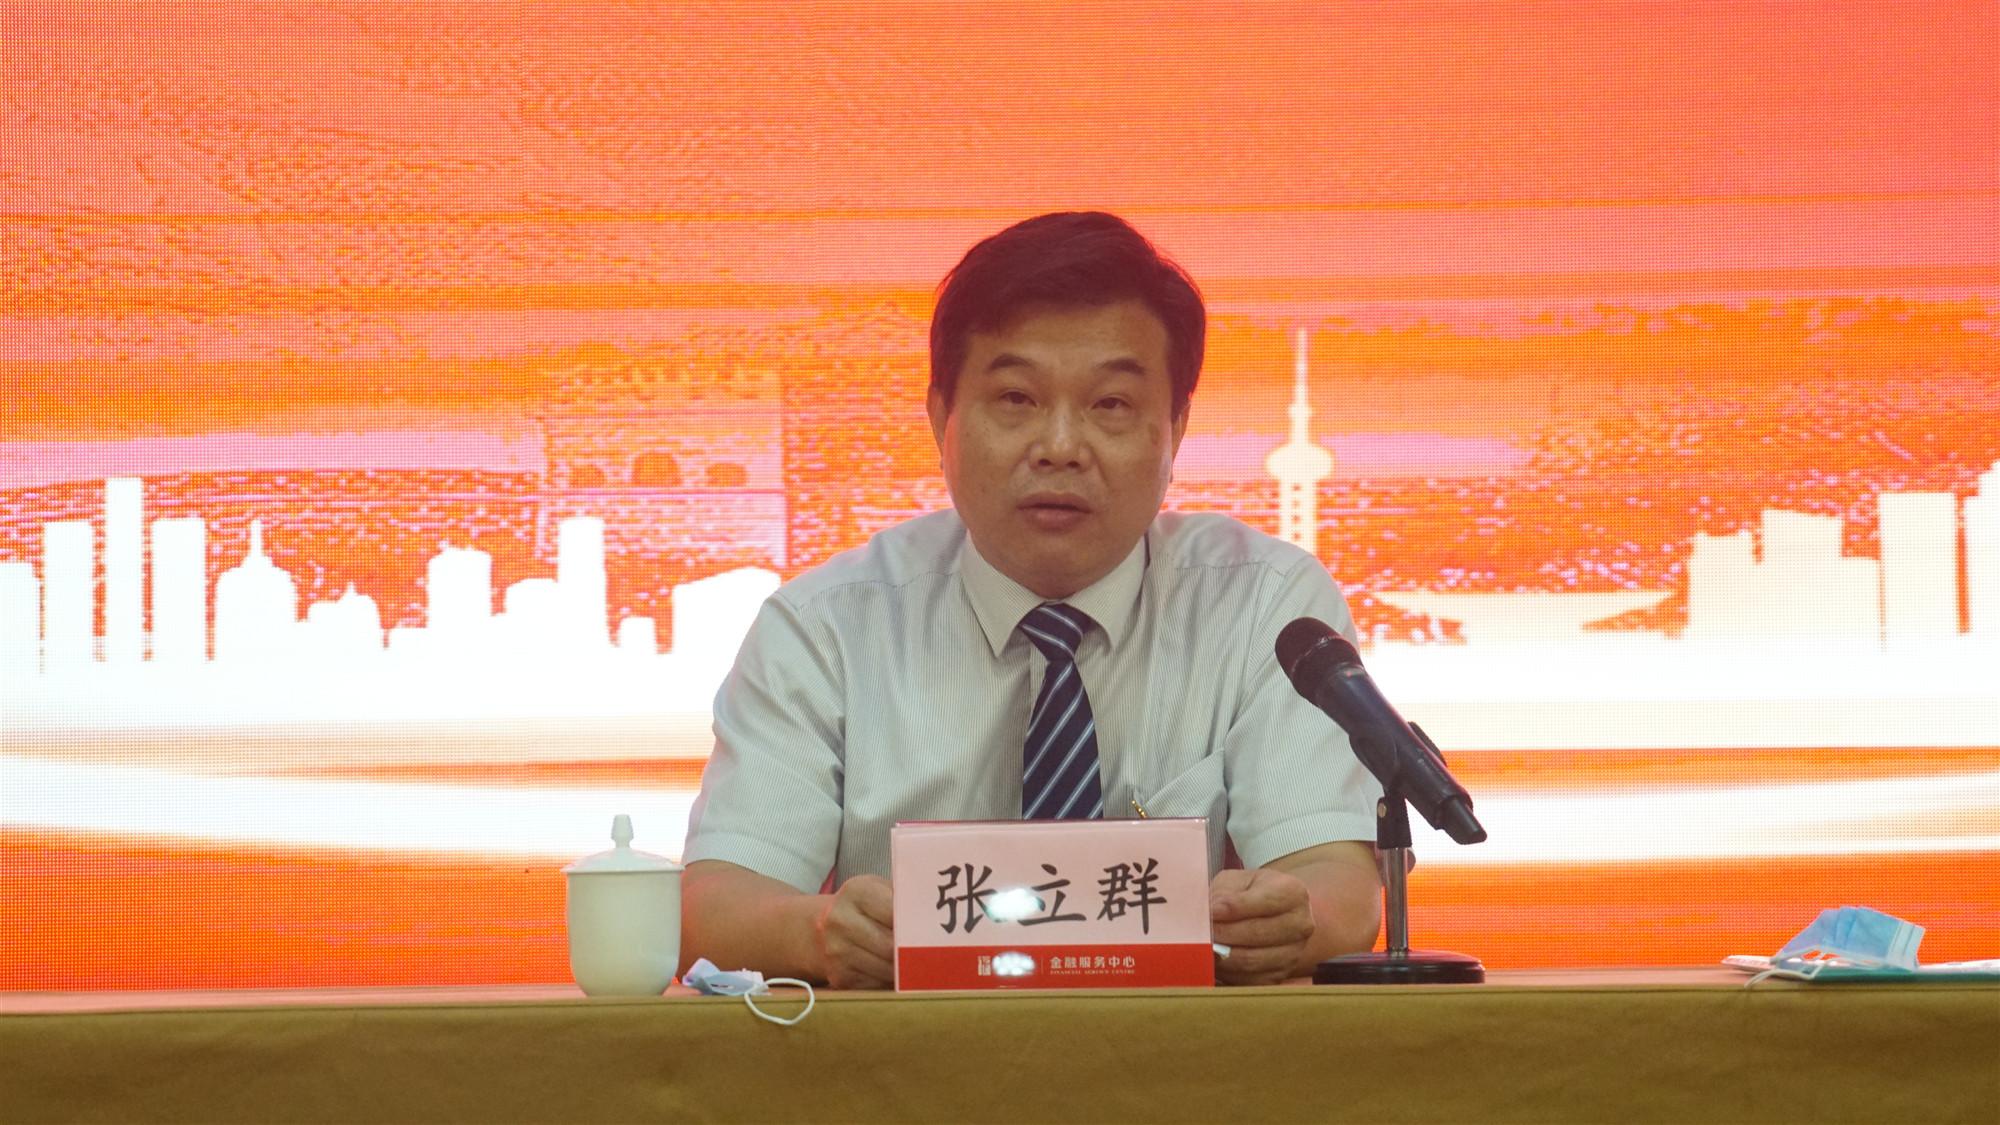 龙海农商银行召开2020年度工作会议暨2019年度表彰会